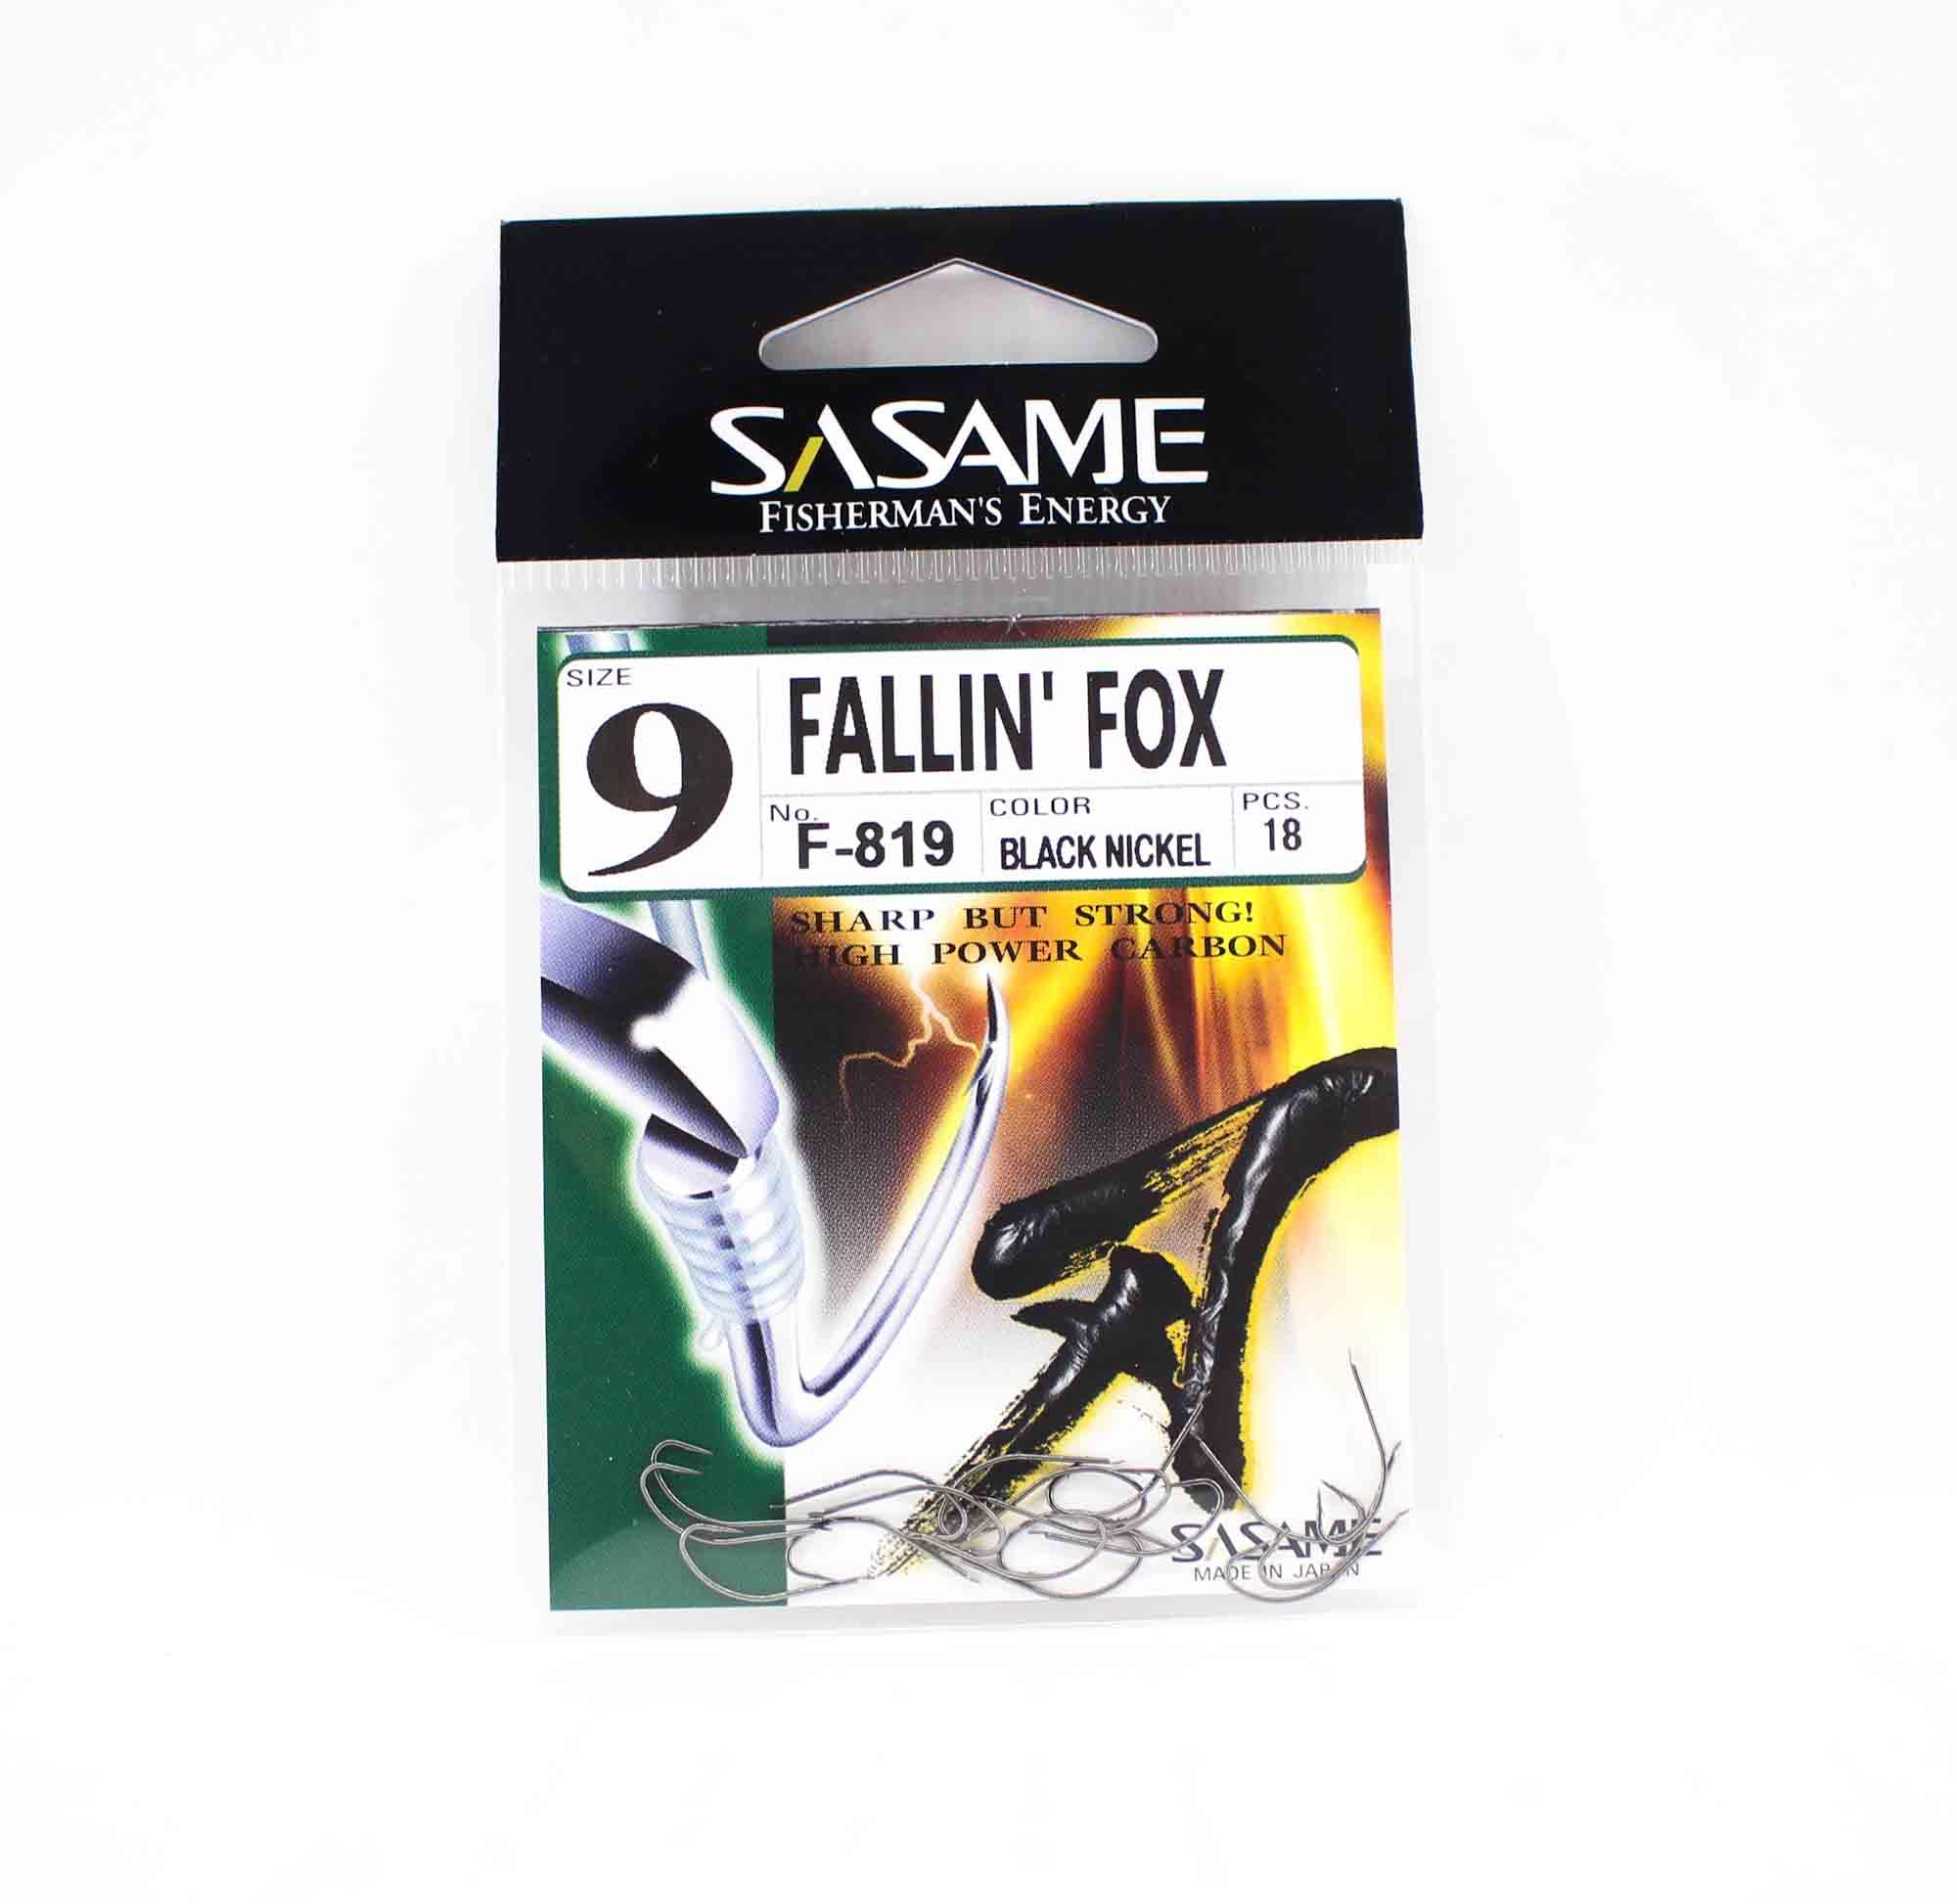 Sasame F-819 Falling Fox Bait Hook Size 9 (5858)